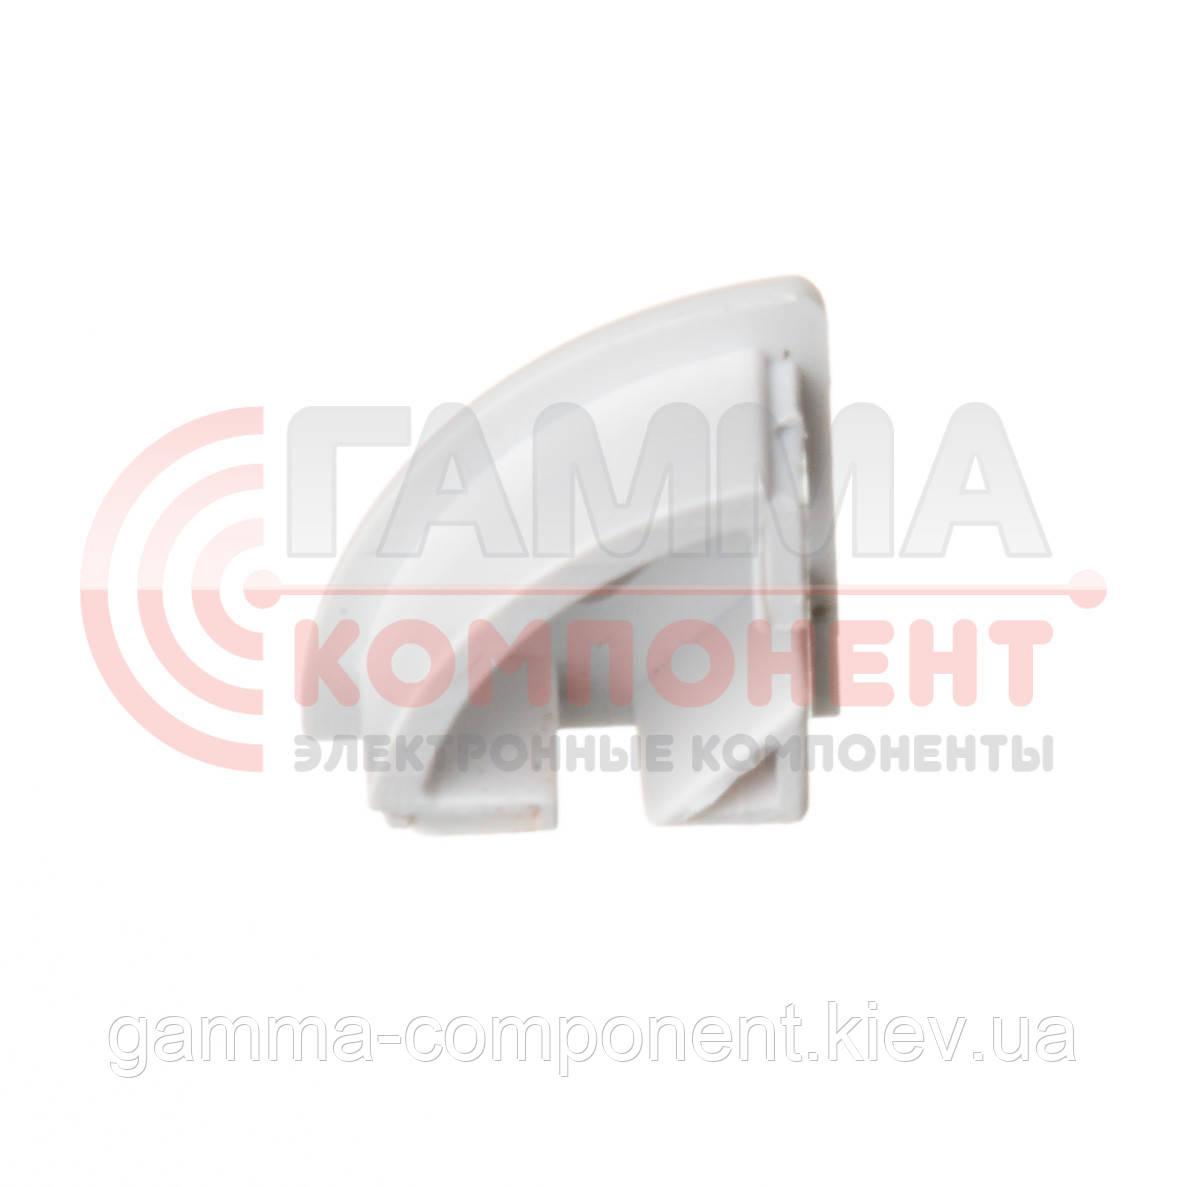 Заглушка для алюминиевого профиля ПФ-9 с отверстием